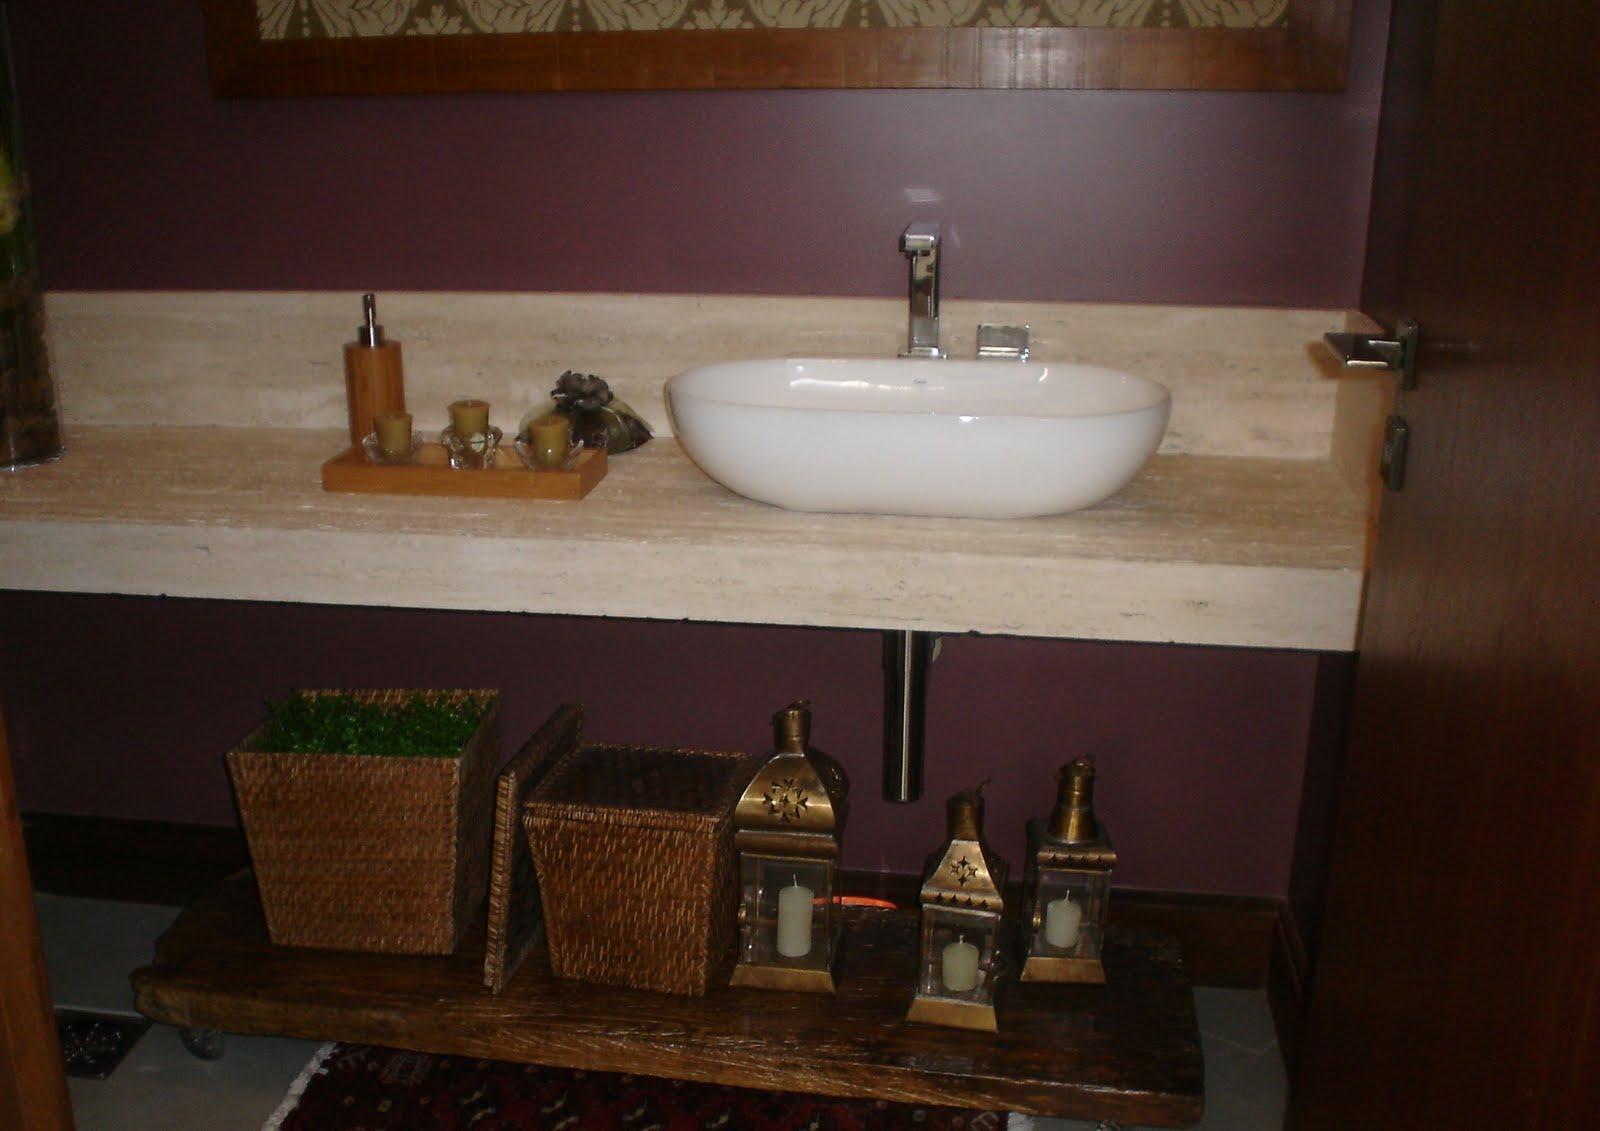 decoracao de lavabos antigos:decoração dá um toque todo especial  #A74824 1600x1131 Banheiro Antigo Decoração